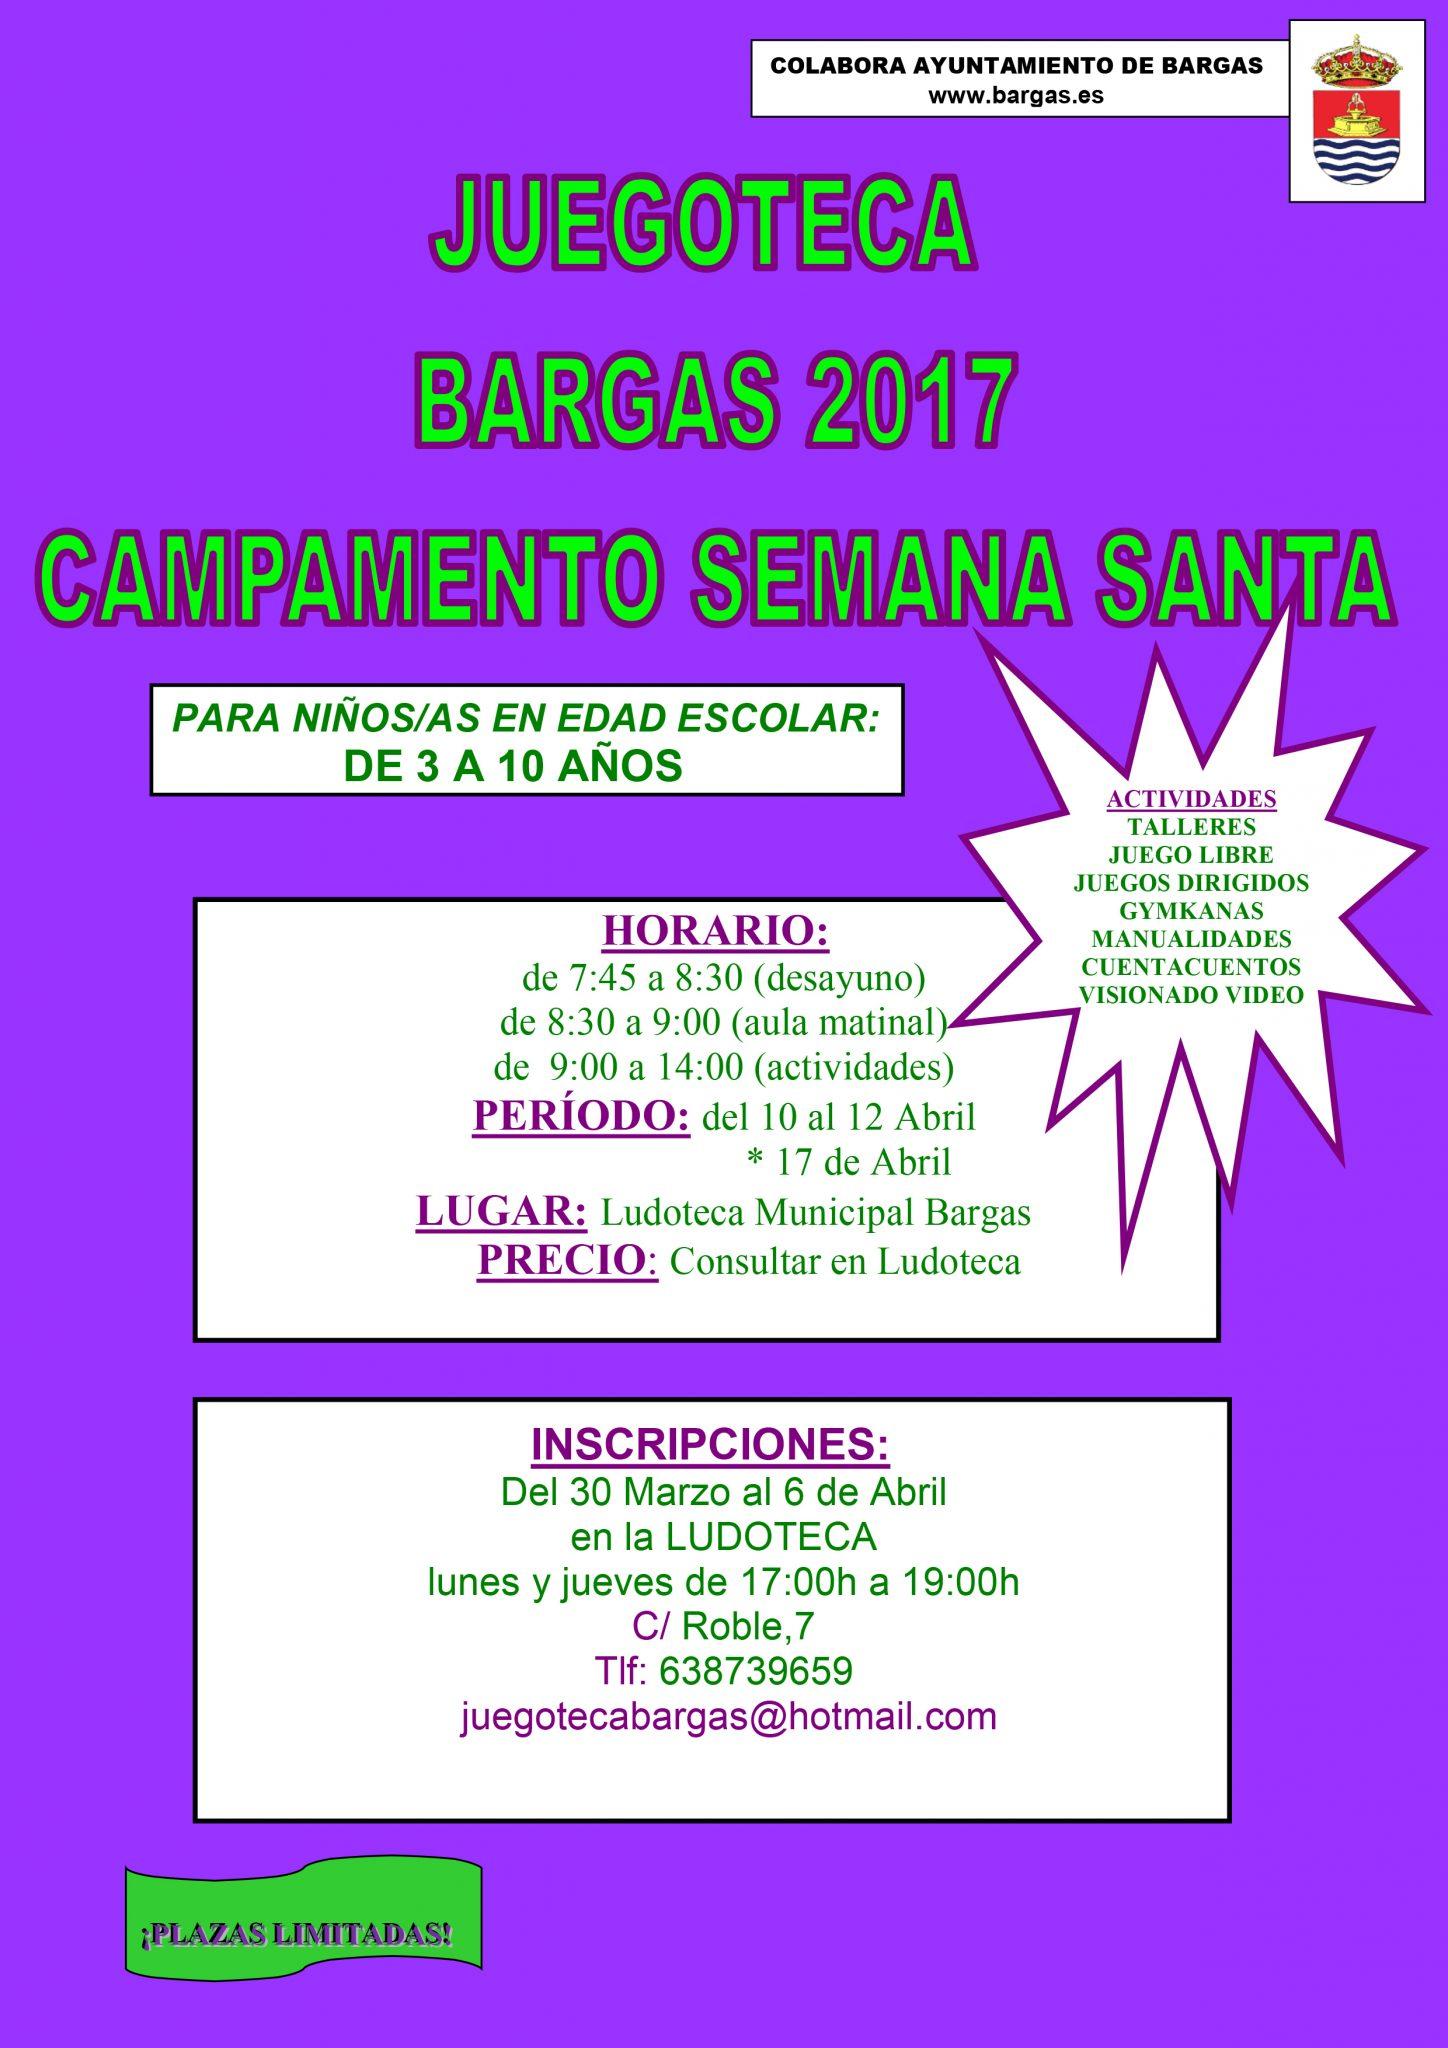 Juegoteca Campamento Semana Santa 2017